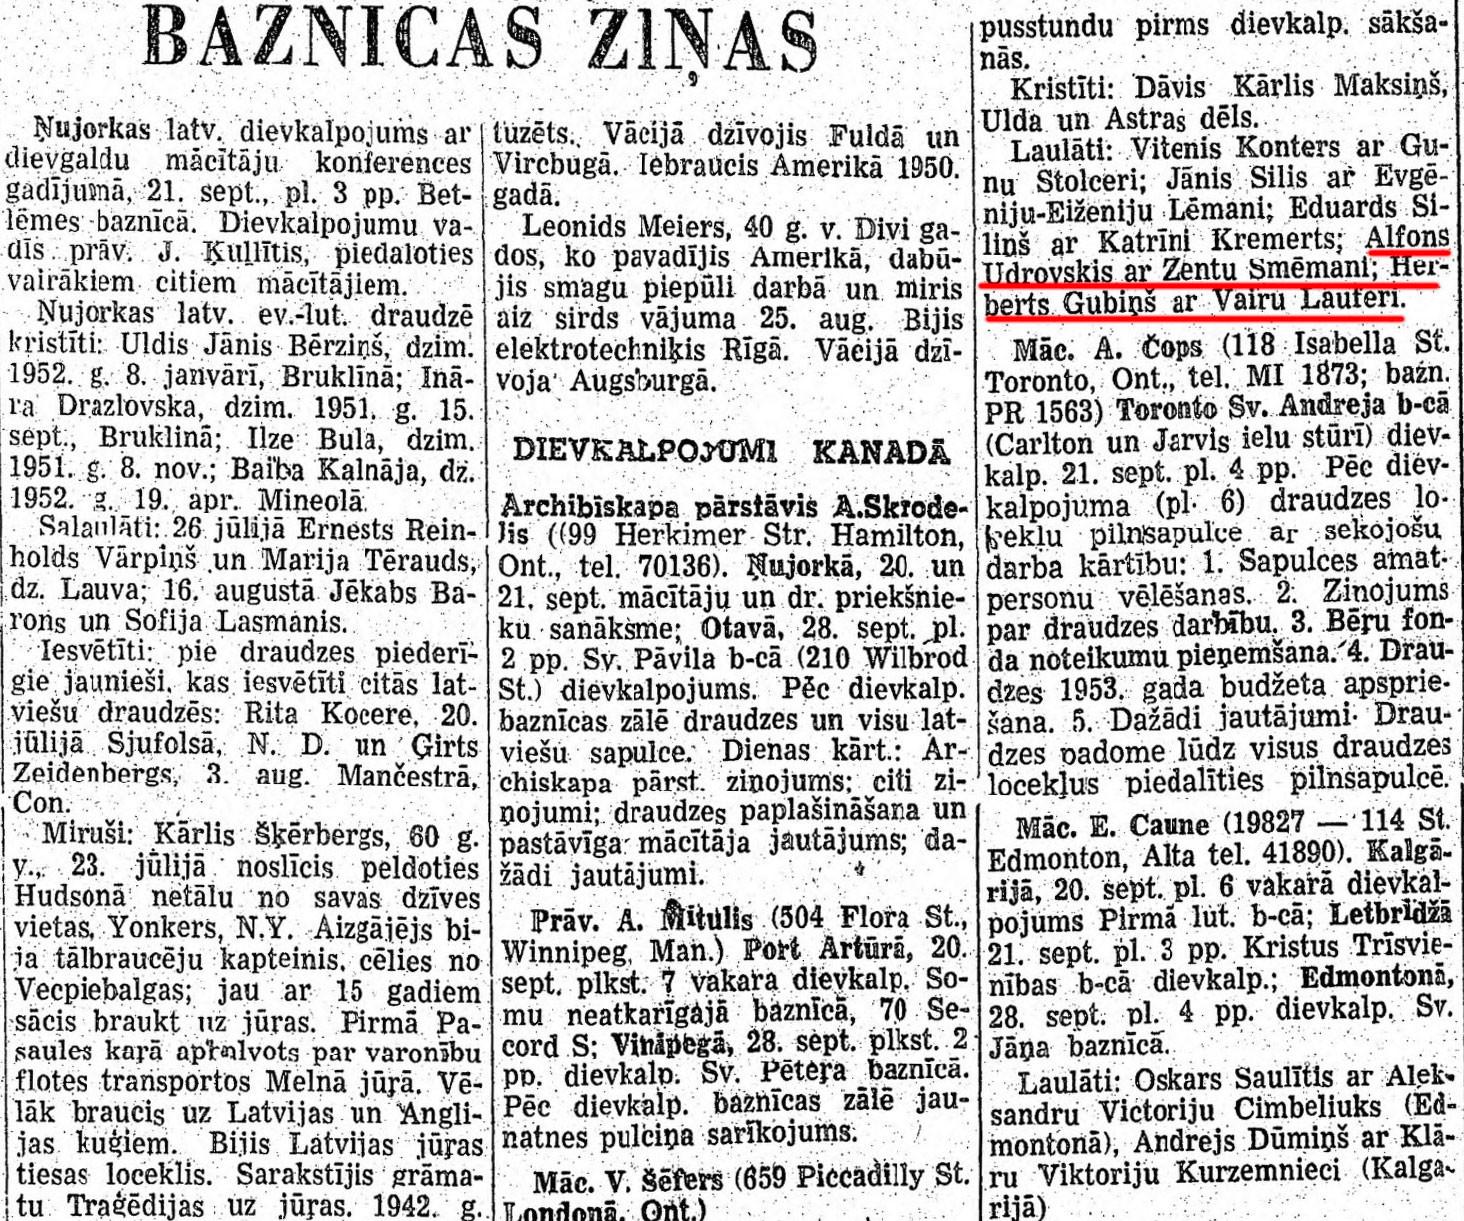 Последнее упоминание об Альфонсе Удровскисе в торонтской газете. Фото © newspapers.lib.sfu.ca